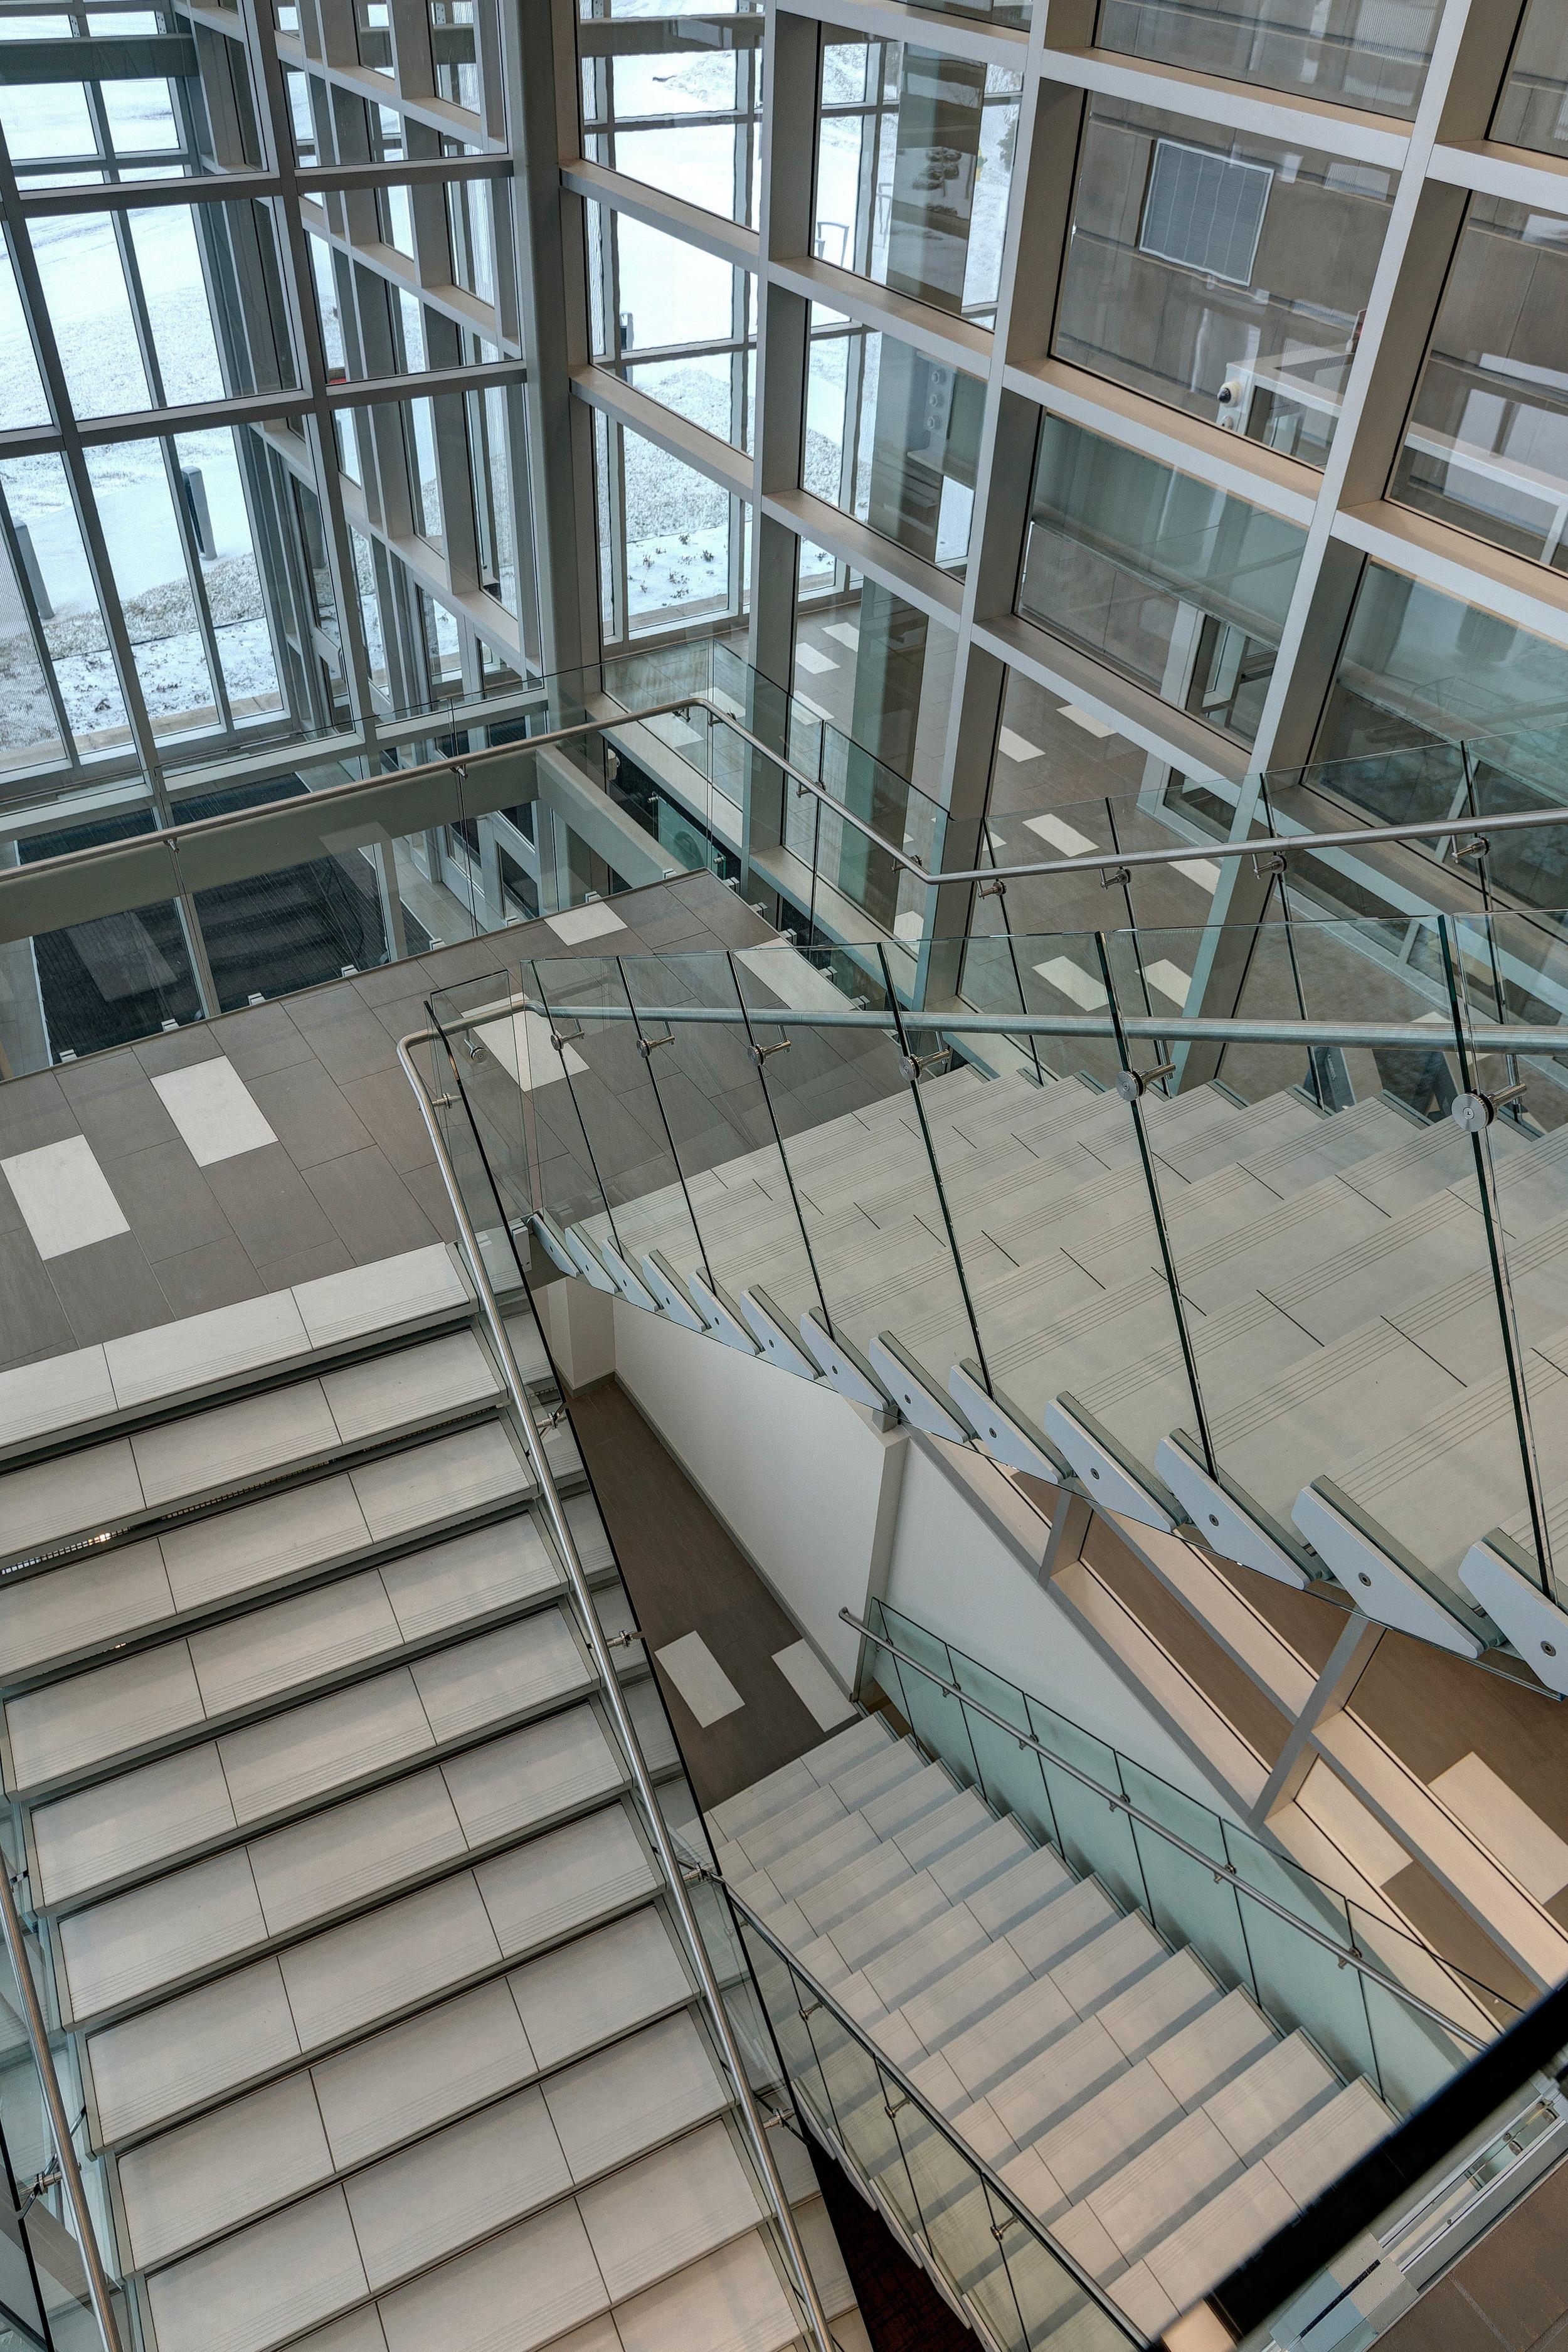 GullRdJusticeComplex-Interior-8946-NeutralColor-FullSize-min[1].jpg